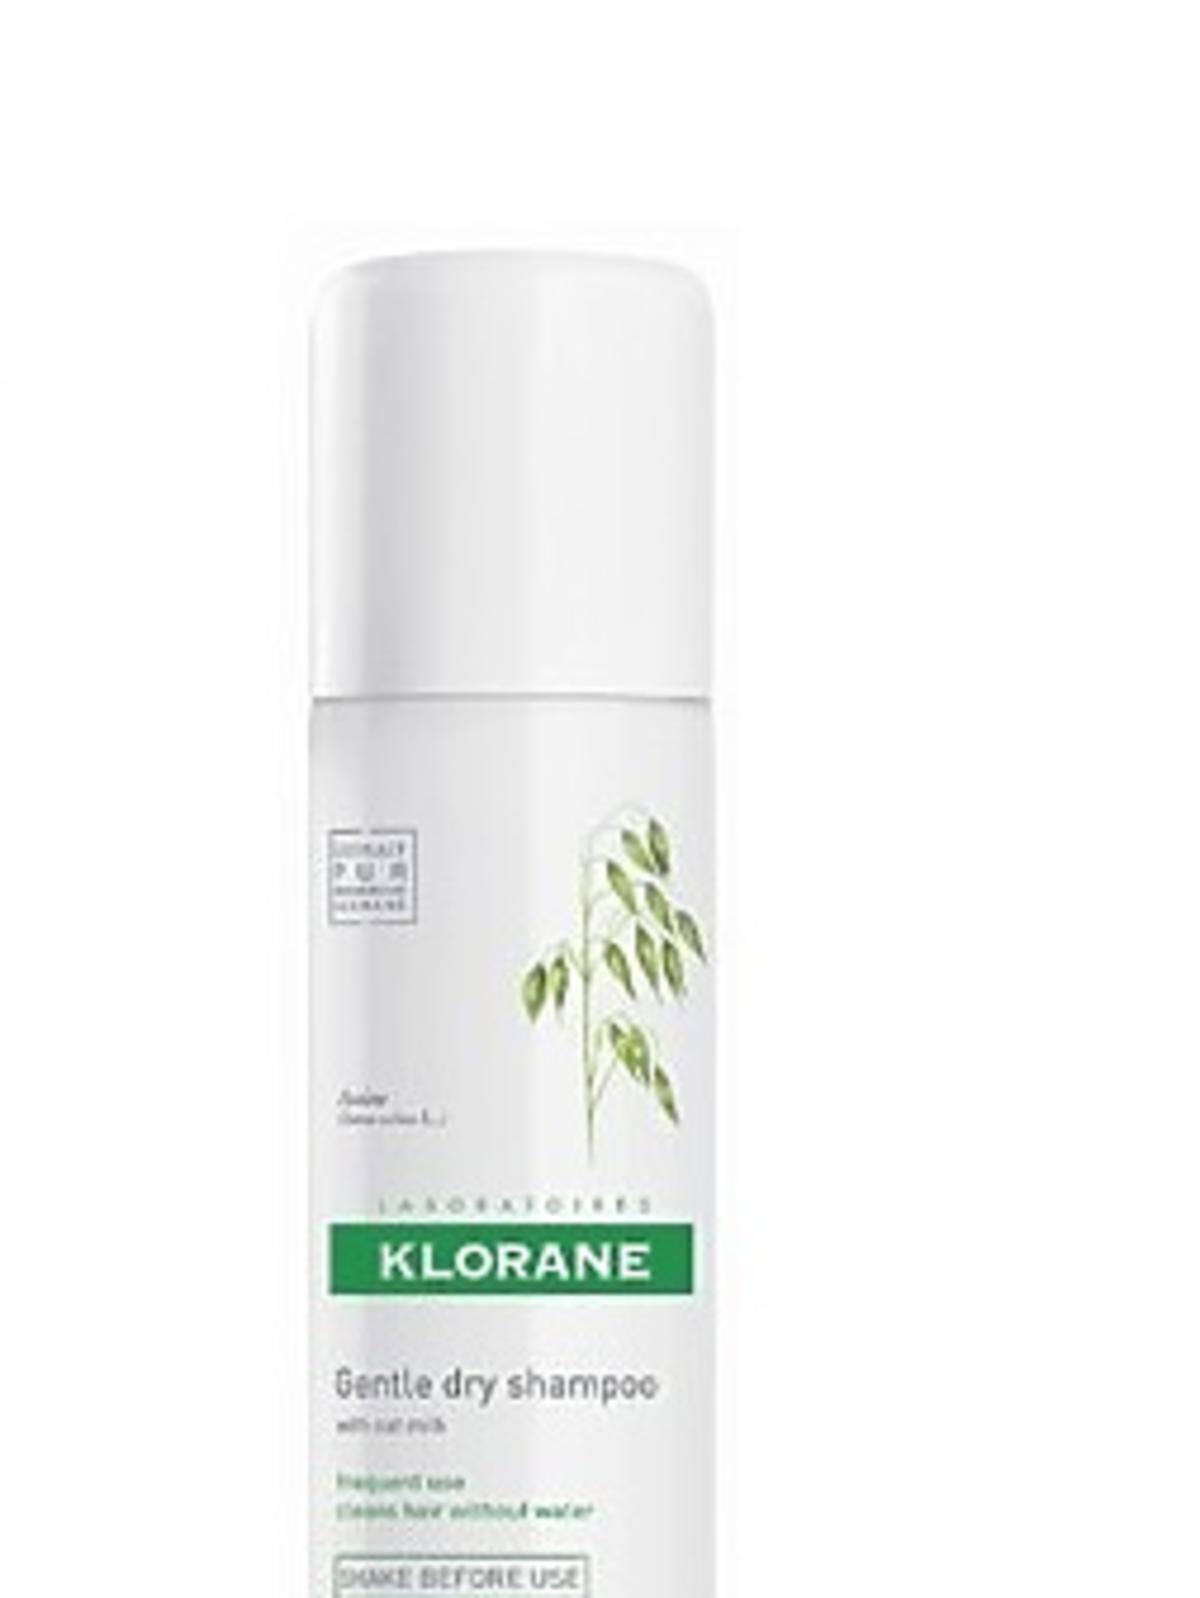 Klorane, suchy szampon